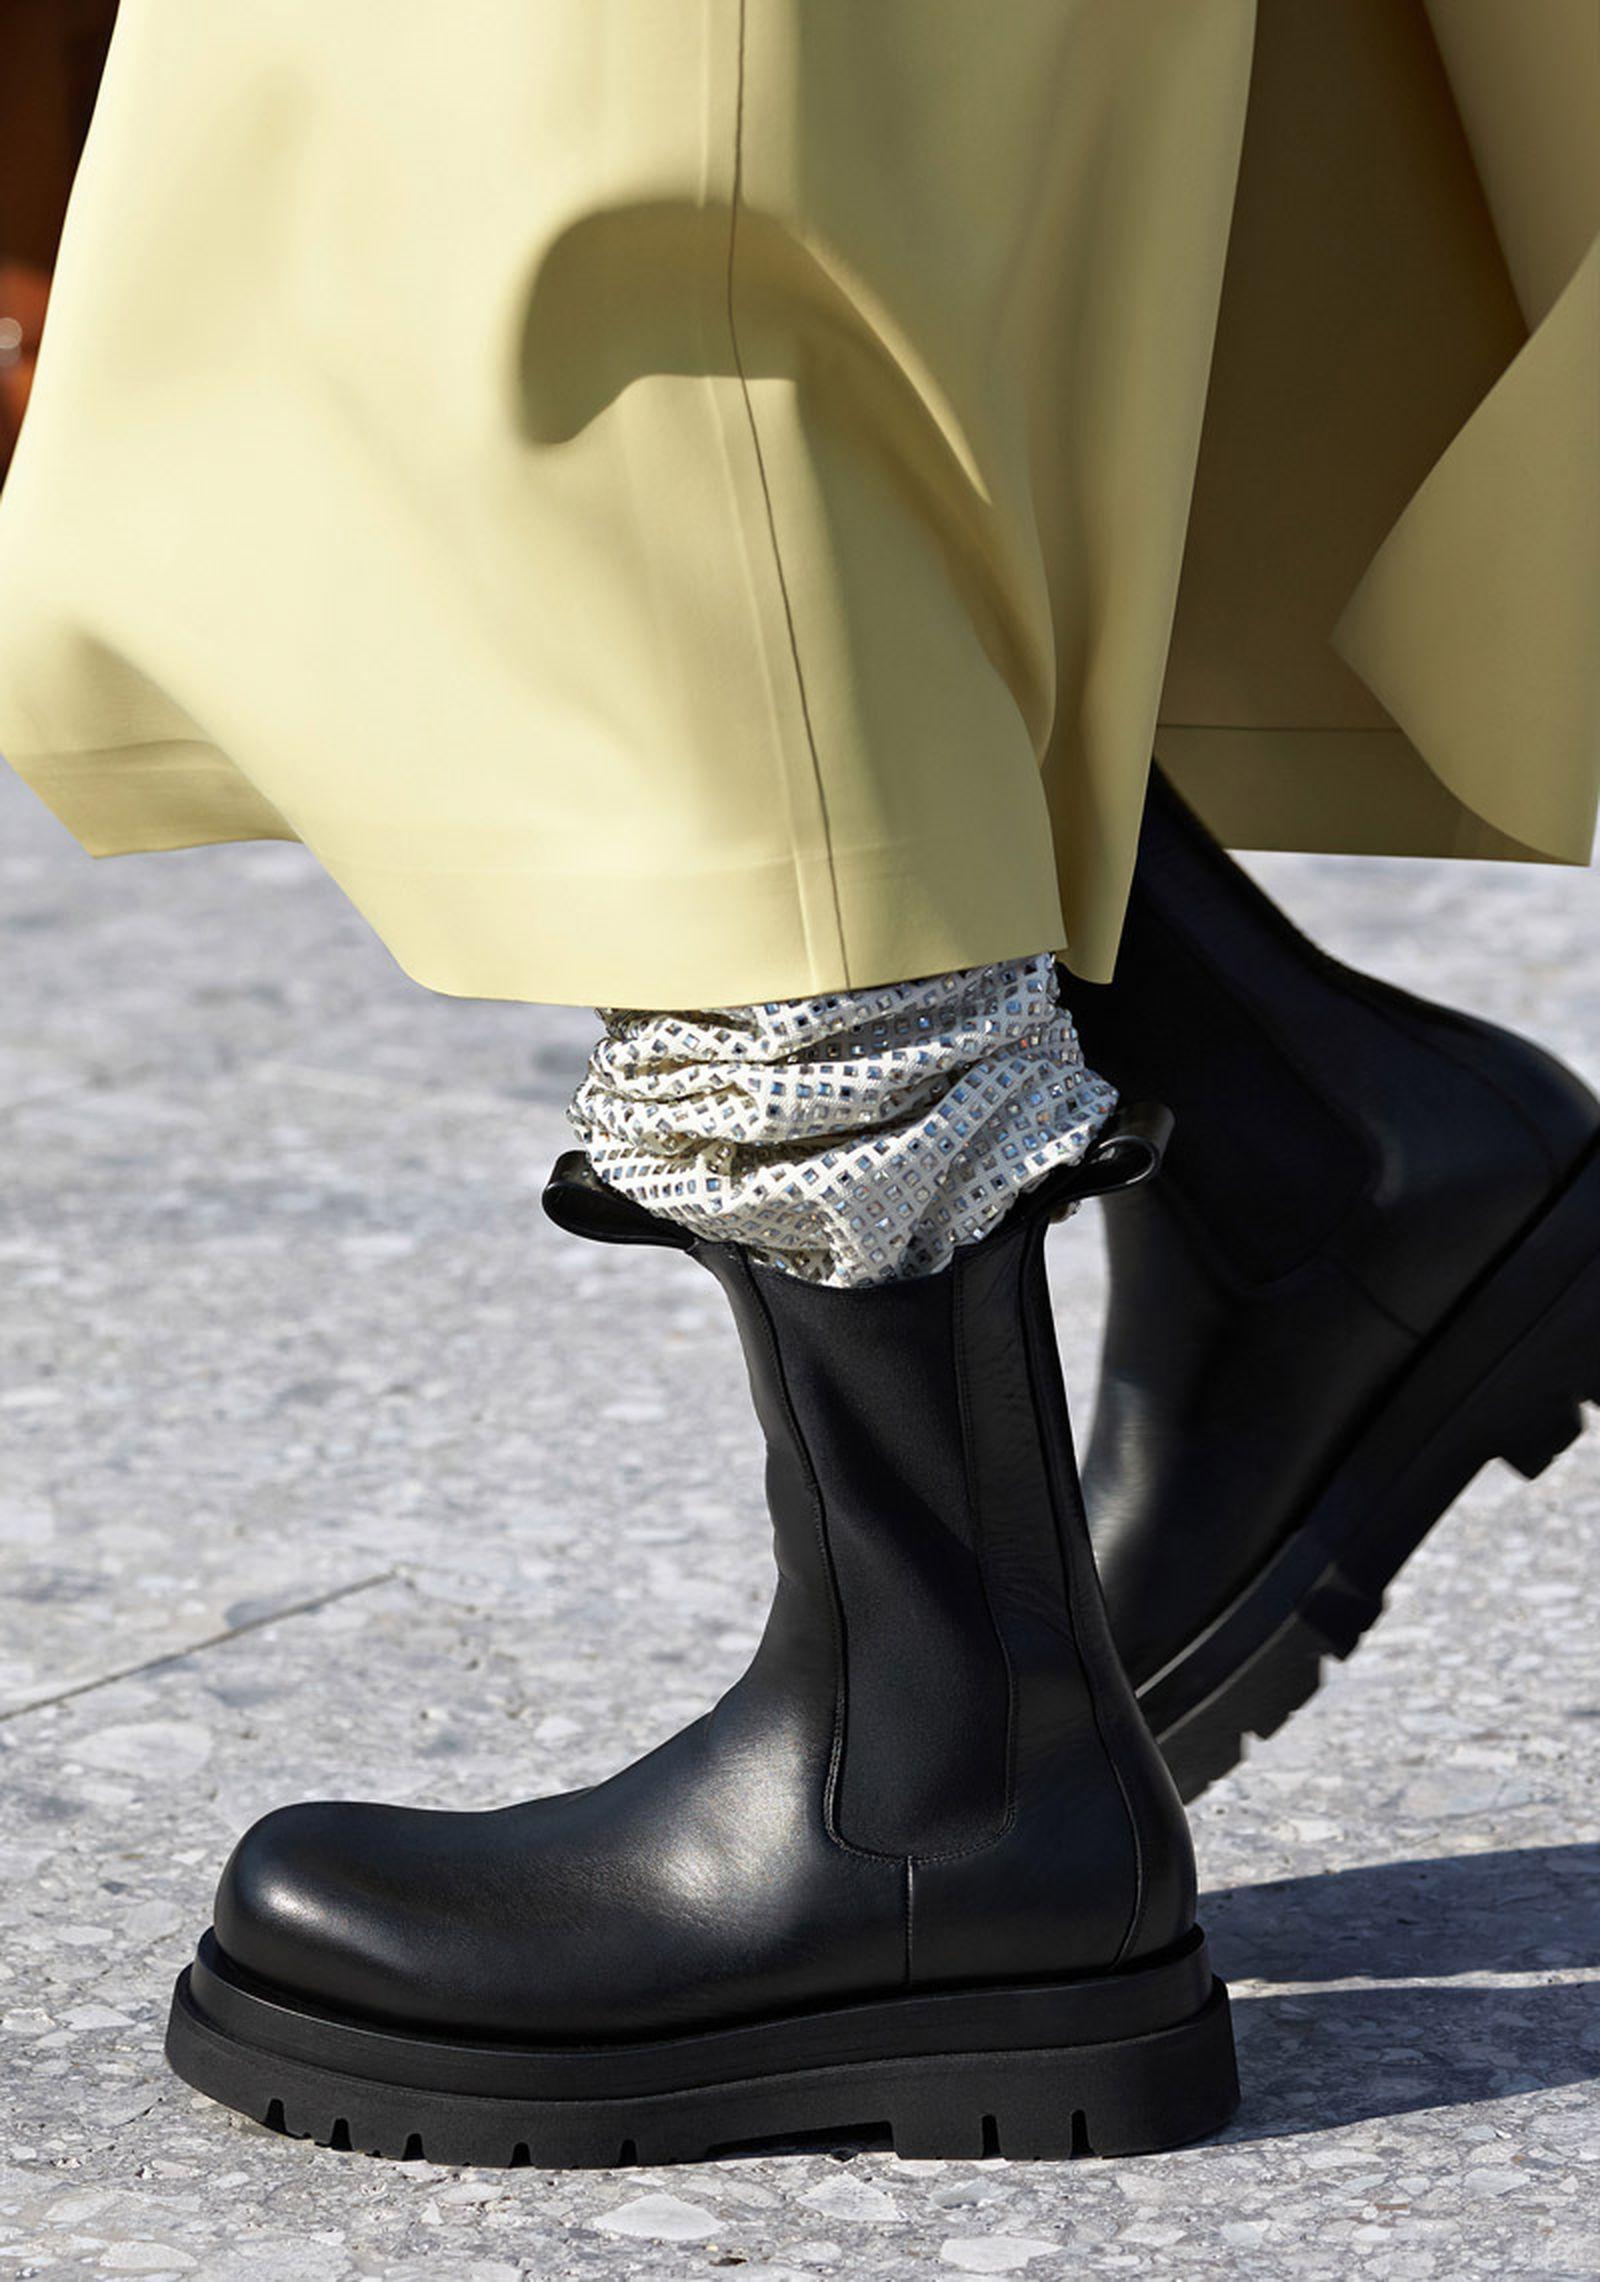 bottega-veneta-is-bringing-timeless-luxury-back-to-fashion-19